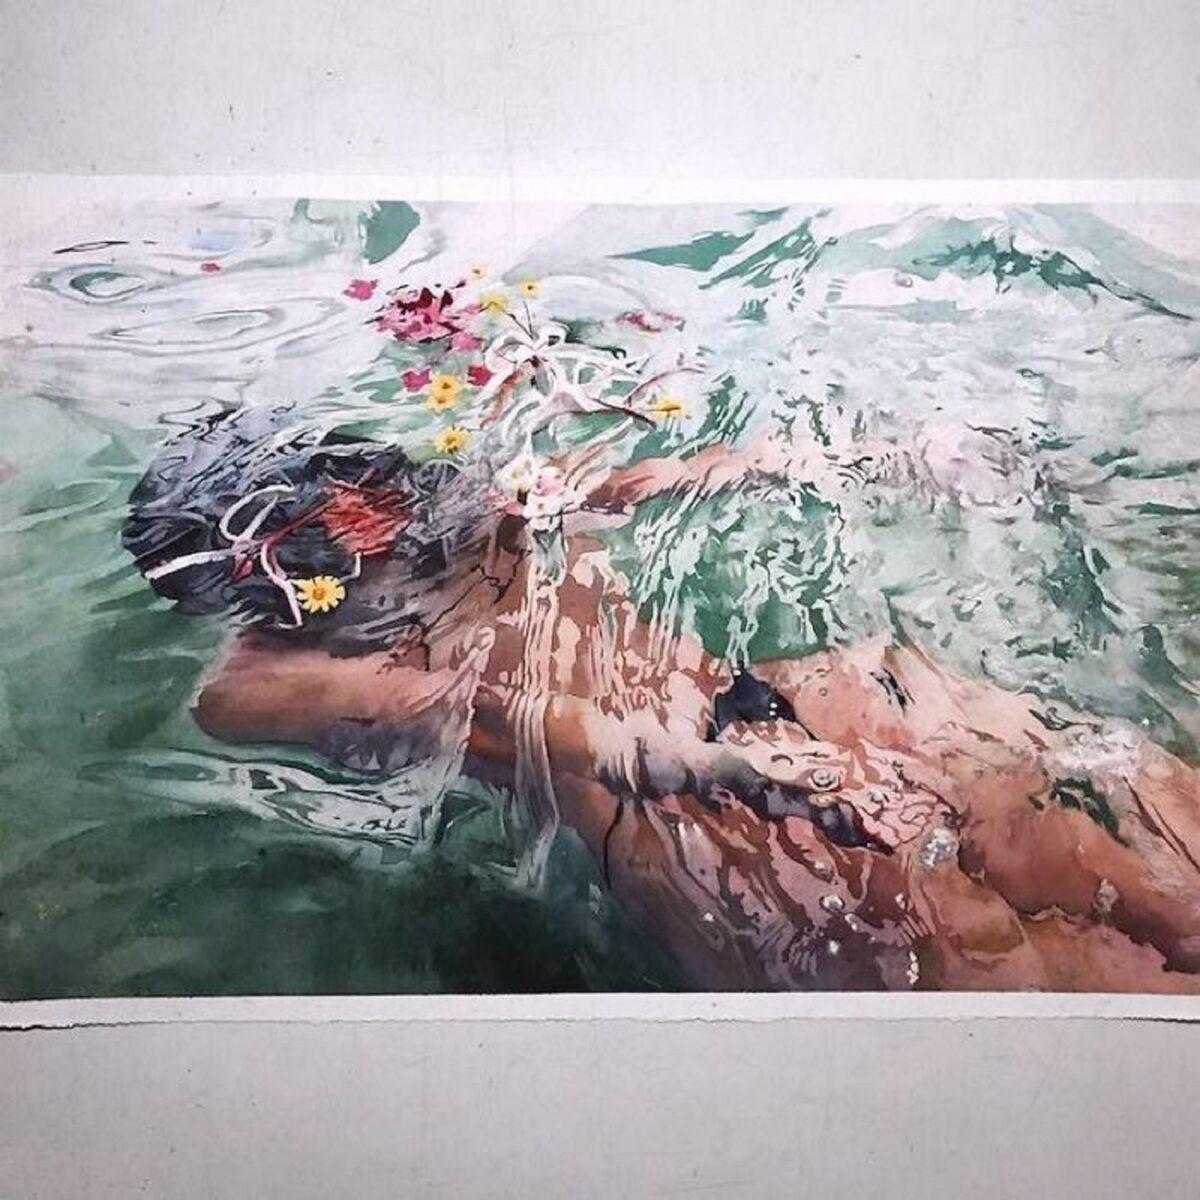 Marcos Beccari artista brasileiro retrata pessoas dentro dagua em incriveis pinturas aquarelas 6